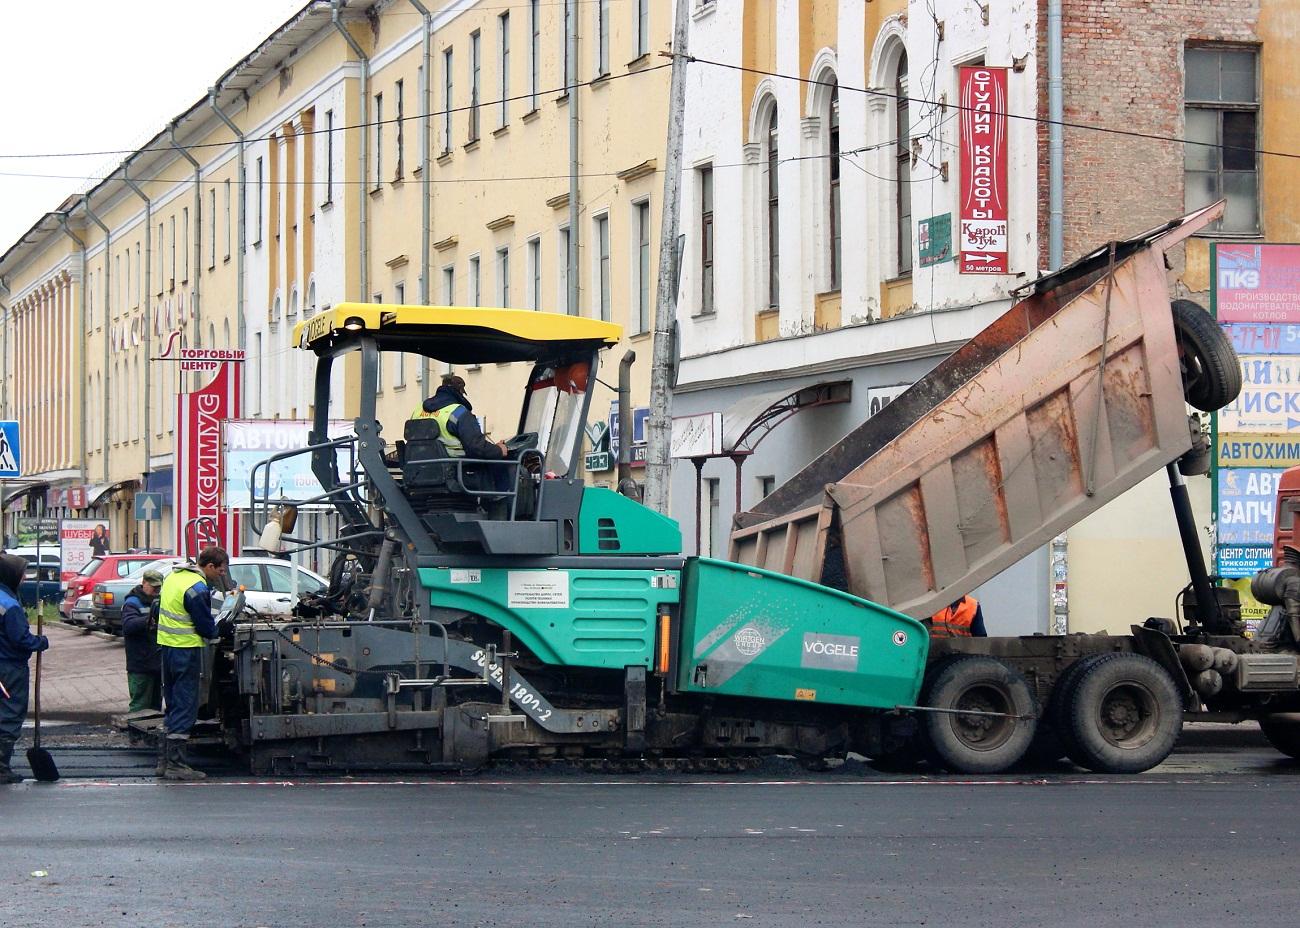 Асфальтоукладчик Vögele Super 1800-2. Псков, Вокзальная улица